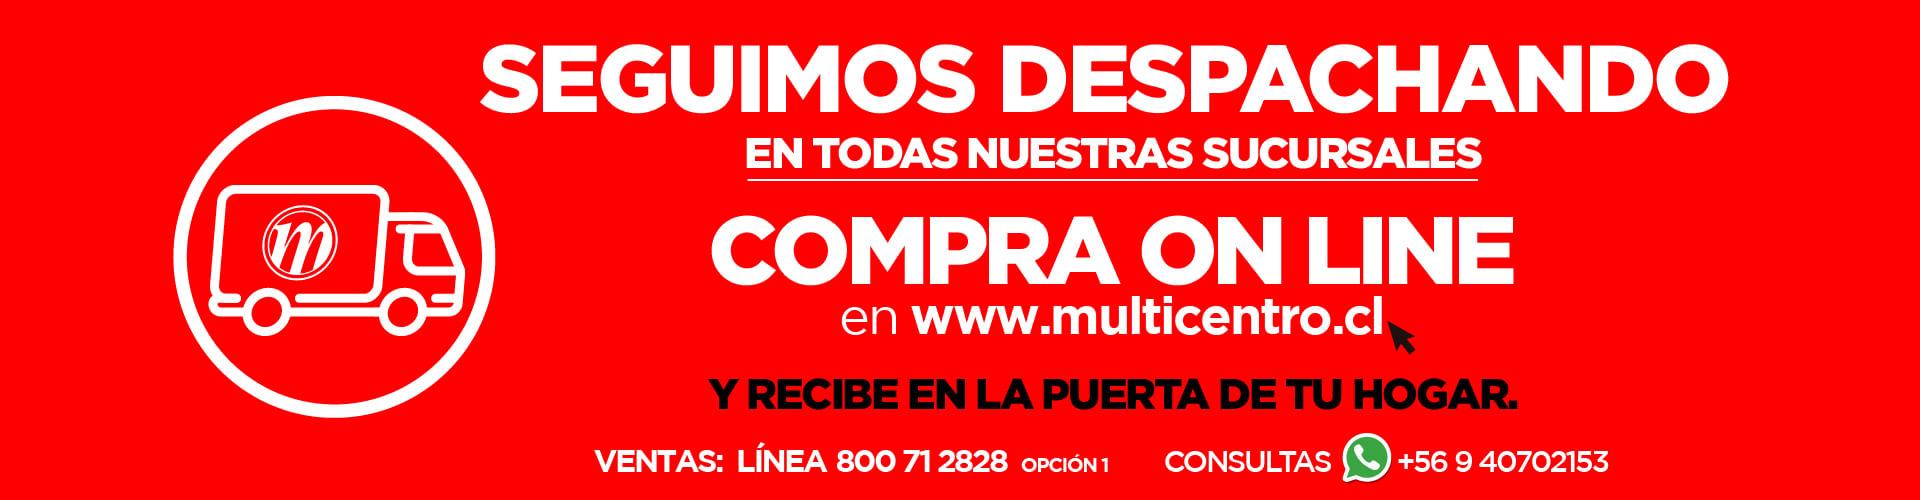 Multicentro.cl